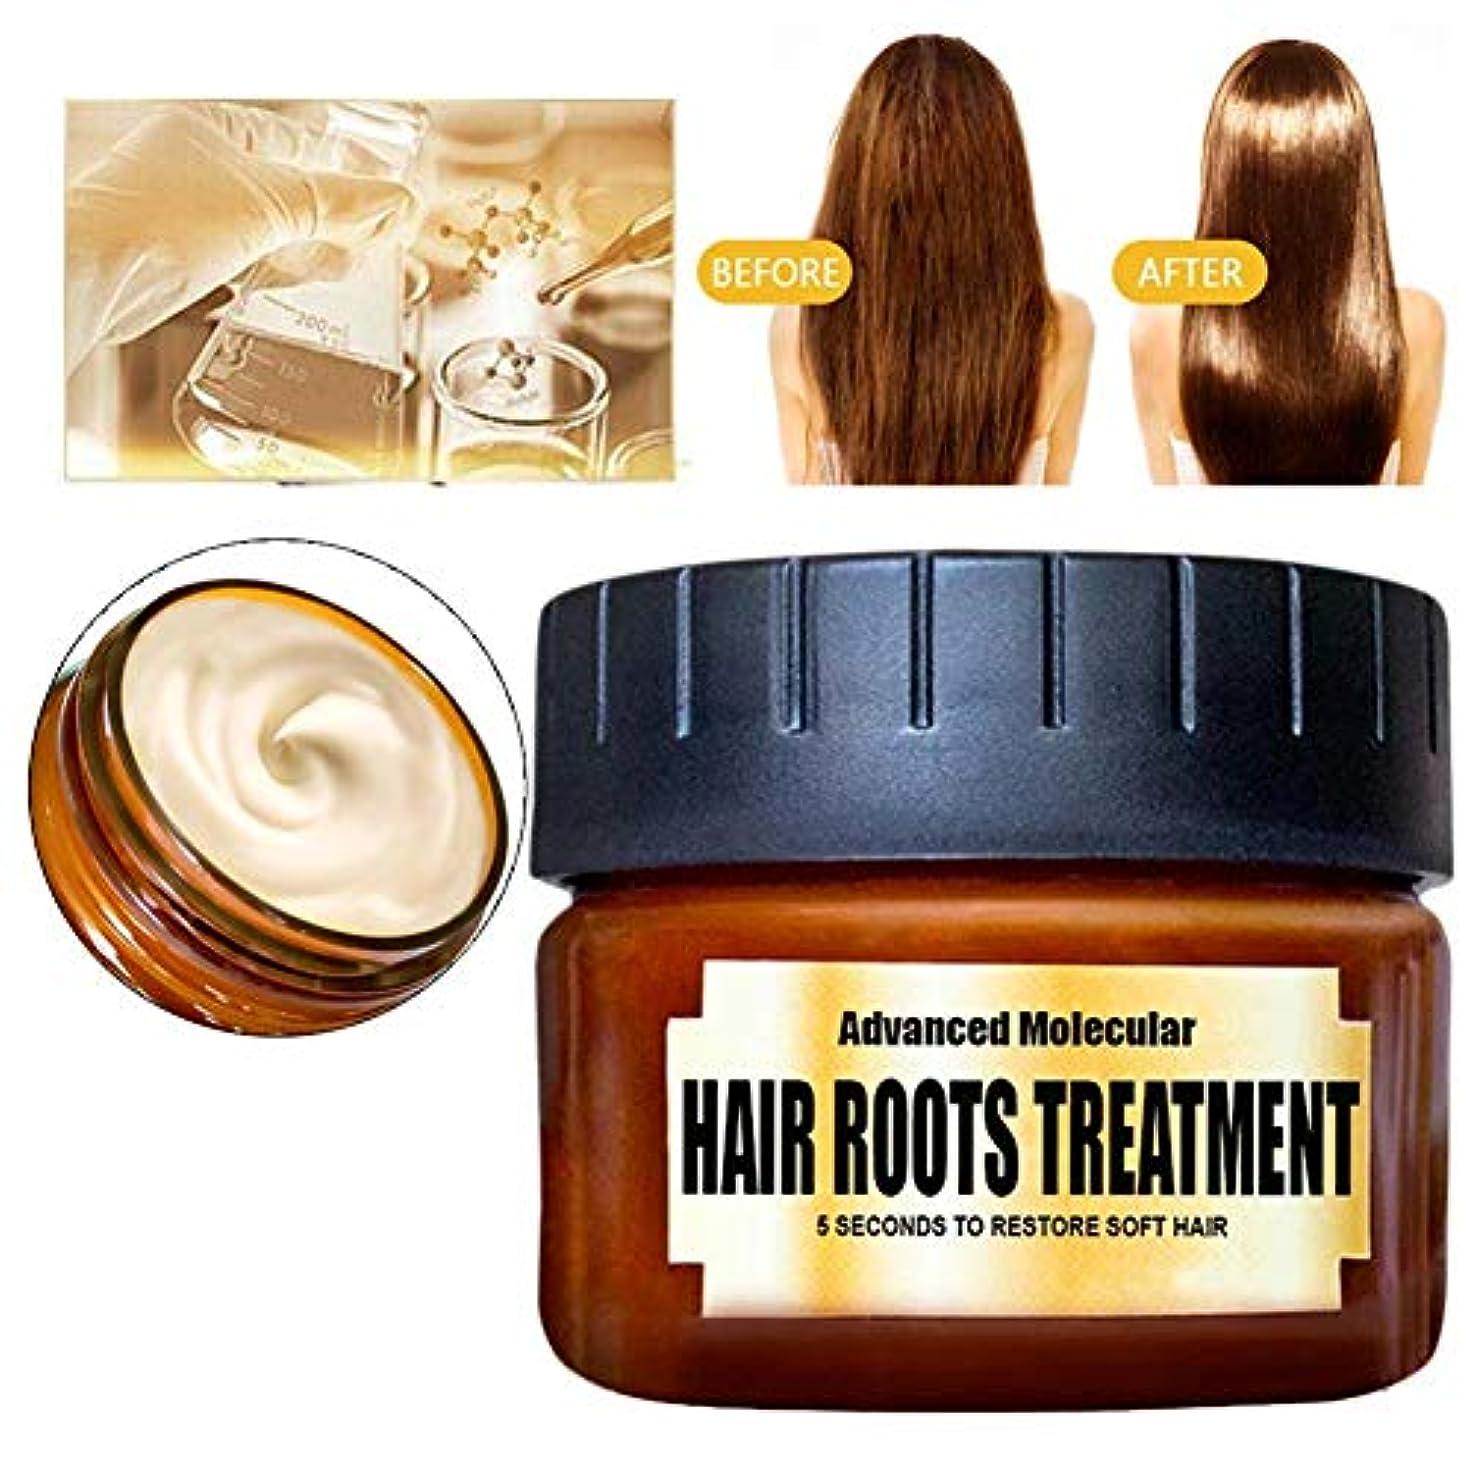 テザー不適当彼らの傷んだ髪の非常に乾燥した髪のミセス女性のヘアマスク 栄養栄養 カキ油の修理 深い保湿 分岐を防ぐ 100ml 男性と女性の両方に利用可能